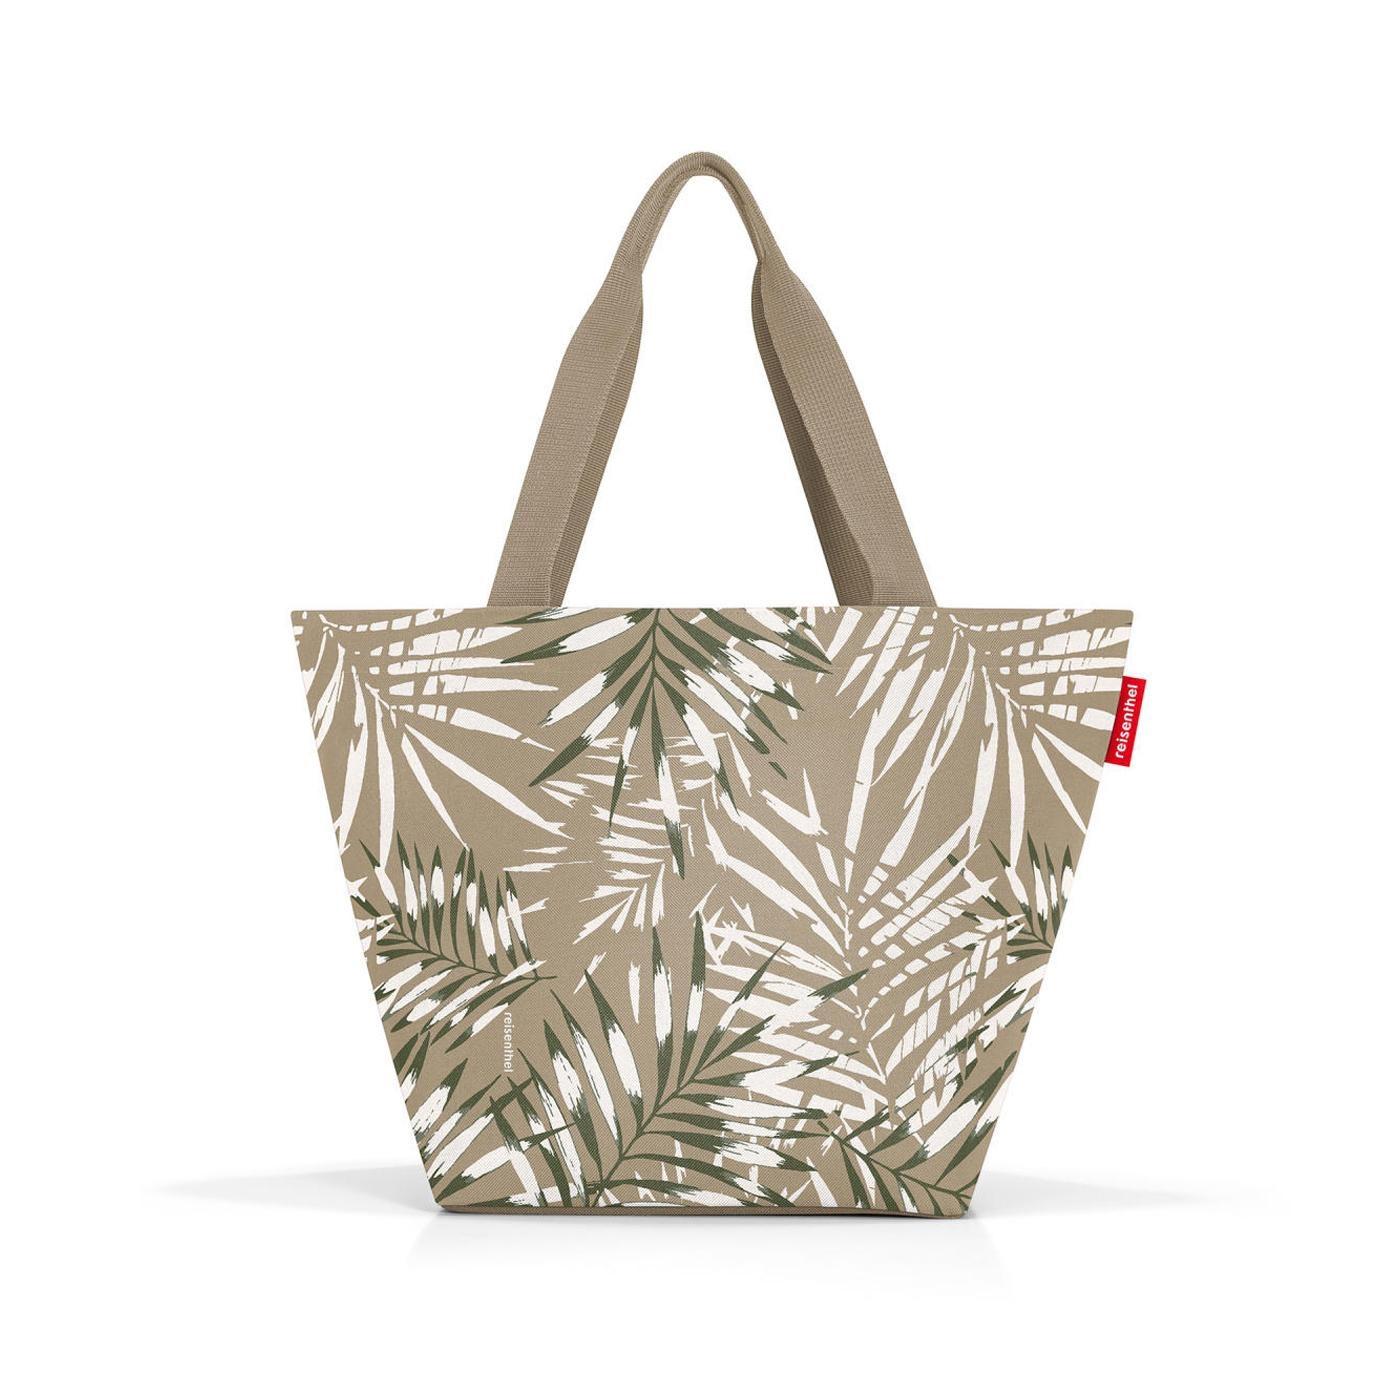 Nákupní taška Shopper M jungle sand_1